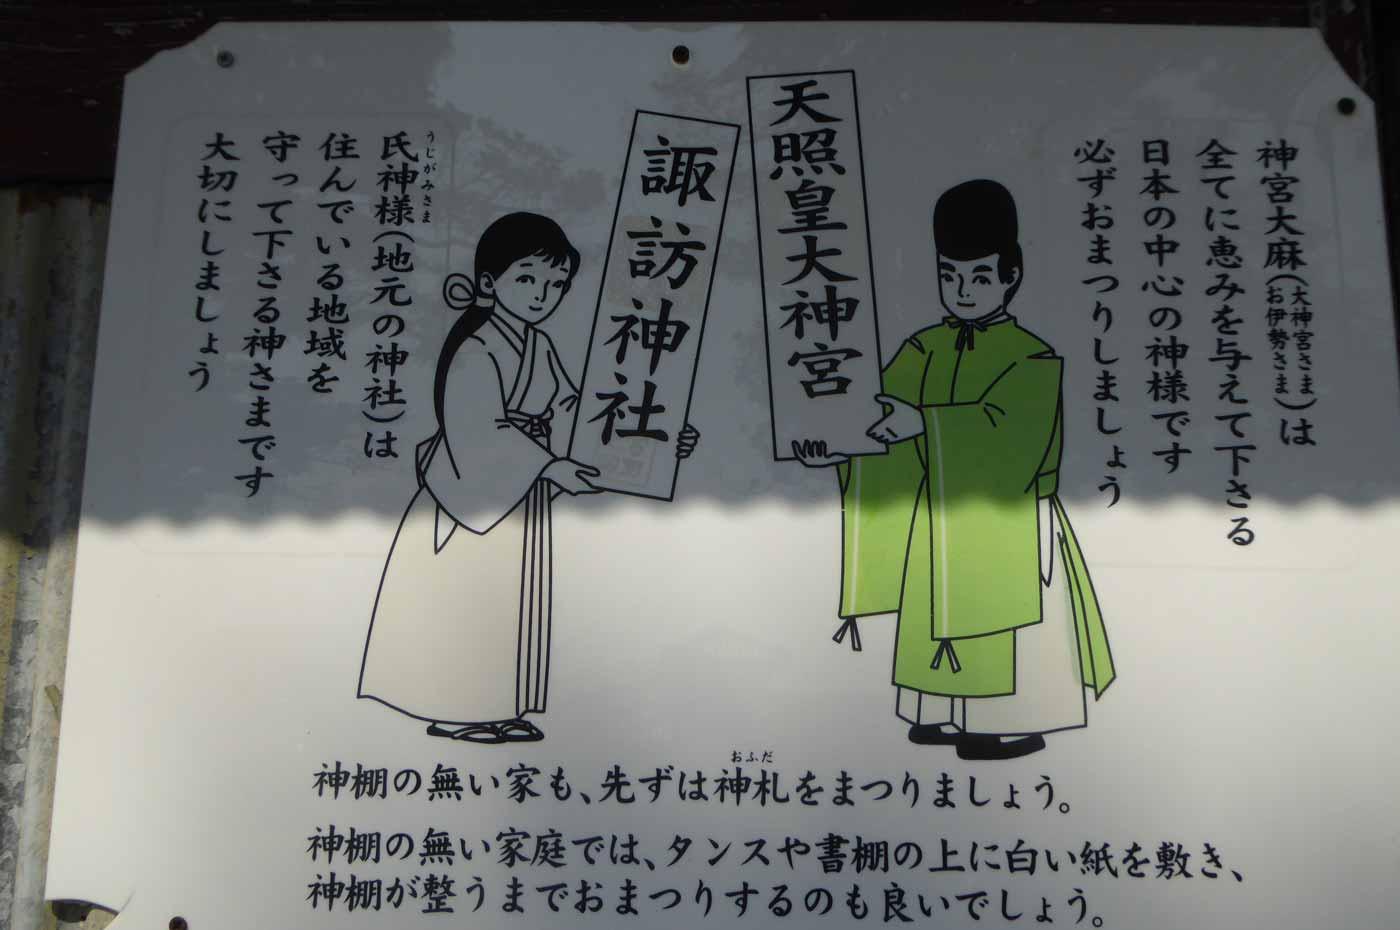 諏訪神社(国分)の案内板